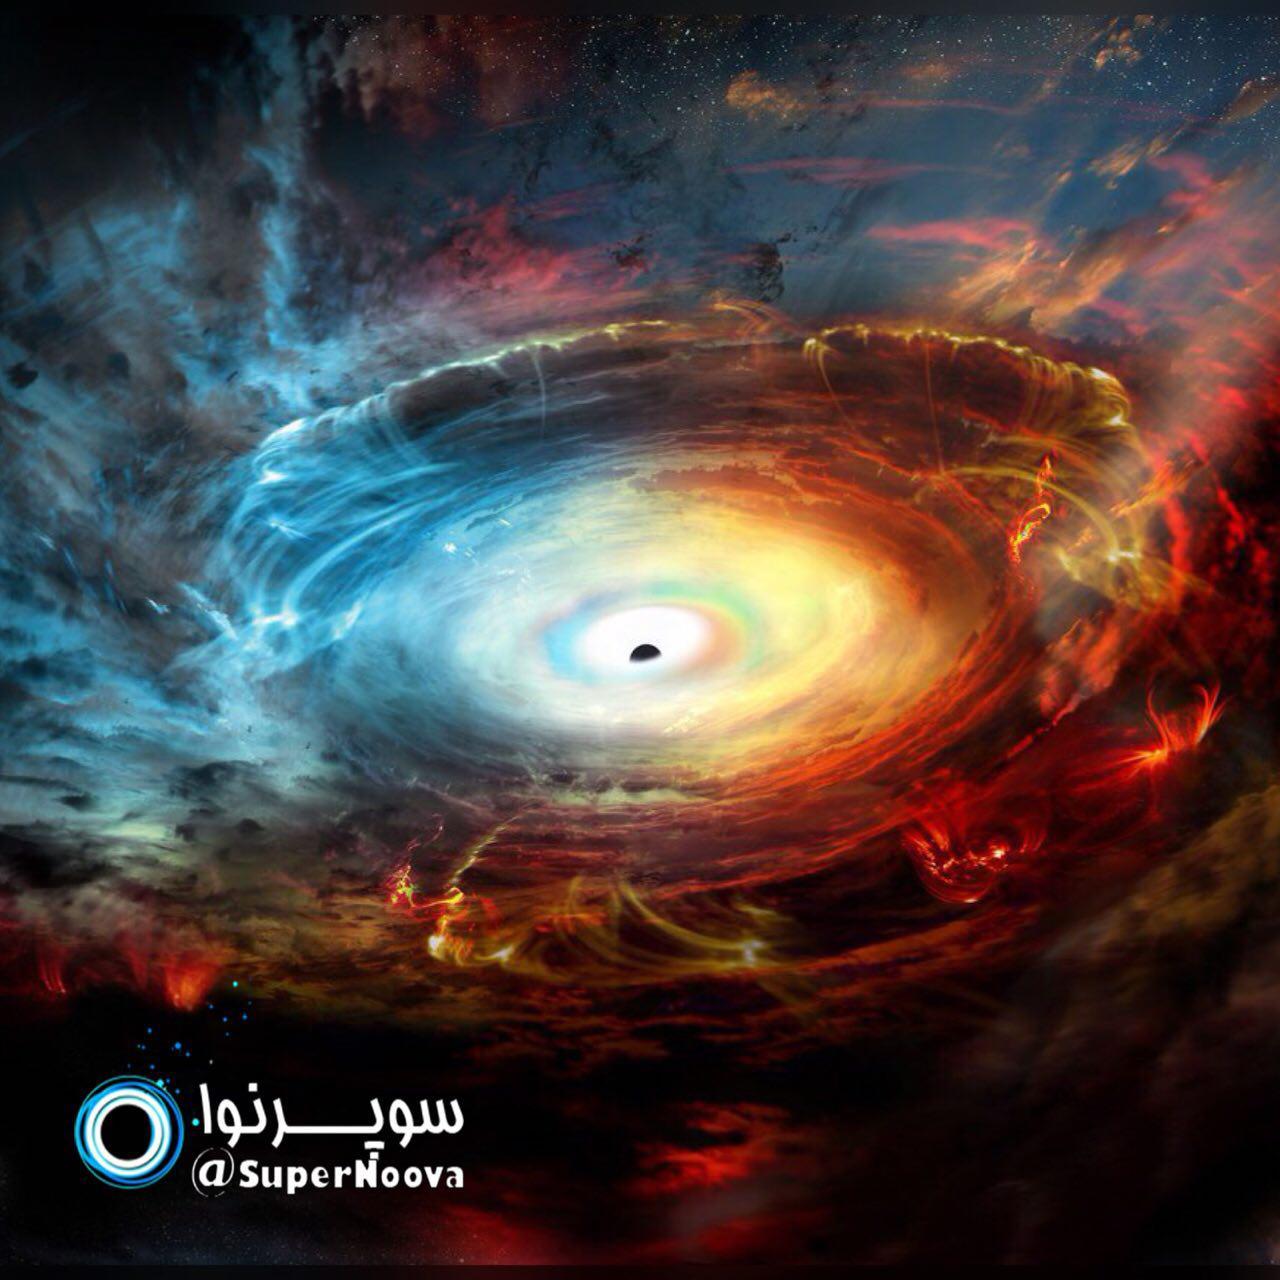 دانستنی های علمی جدید و کوتاه همراه با عکس